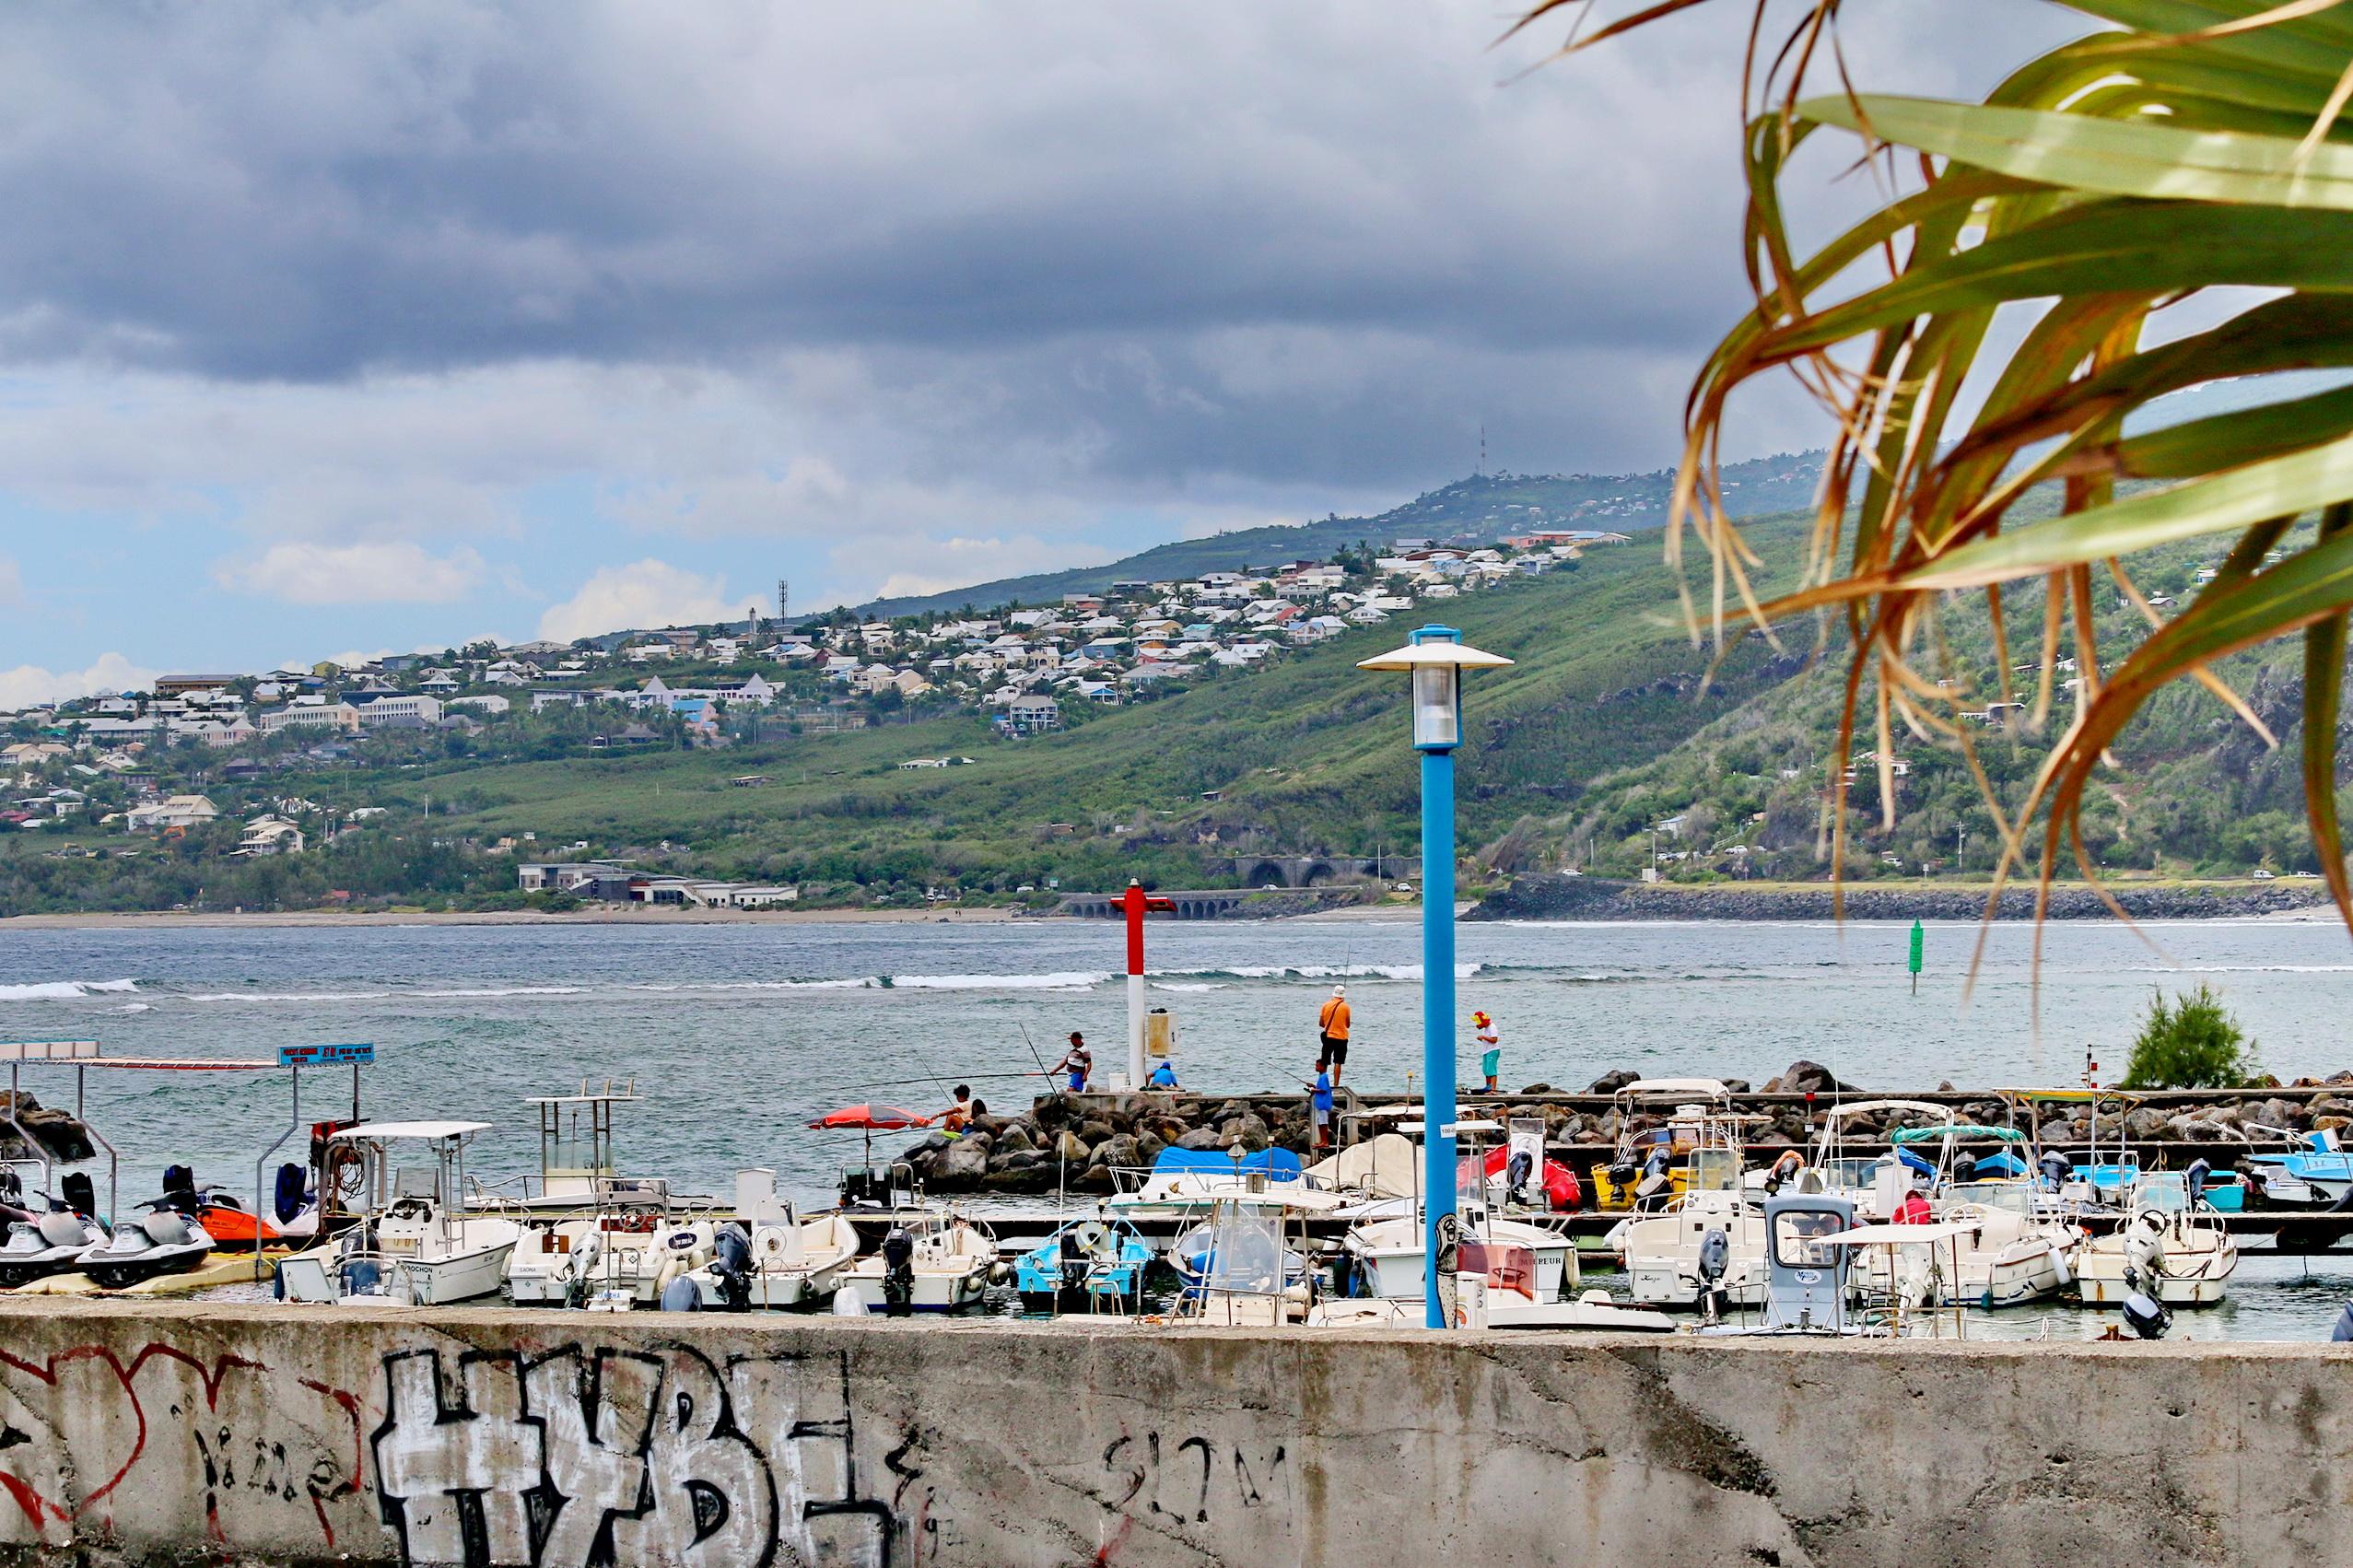 [Vie des ports] Les ports de la Réunion - Page 3 160702stpierrestleu70d096